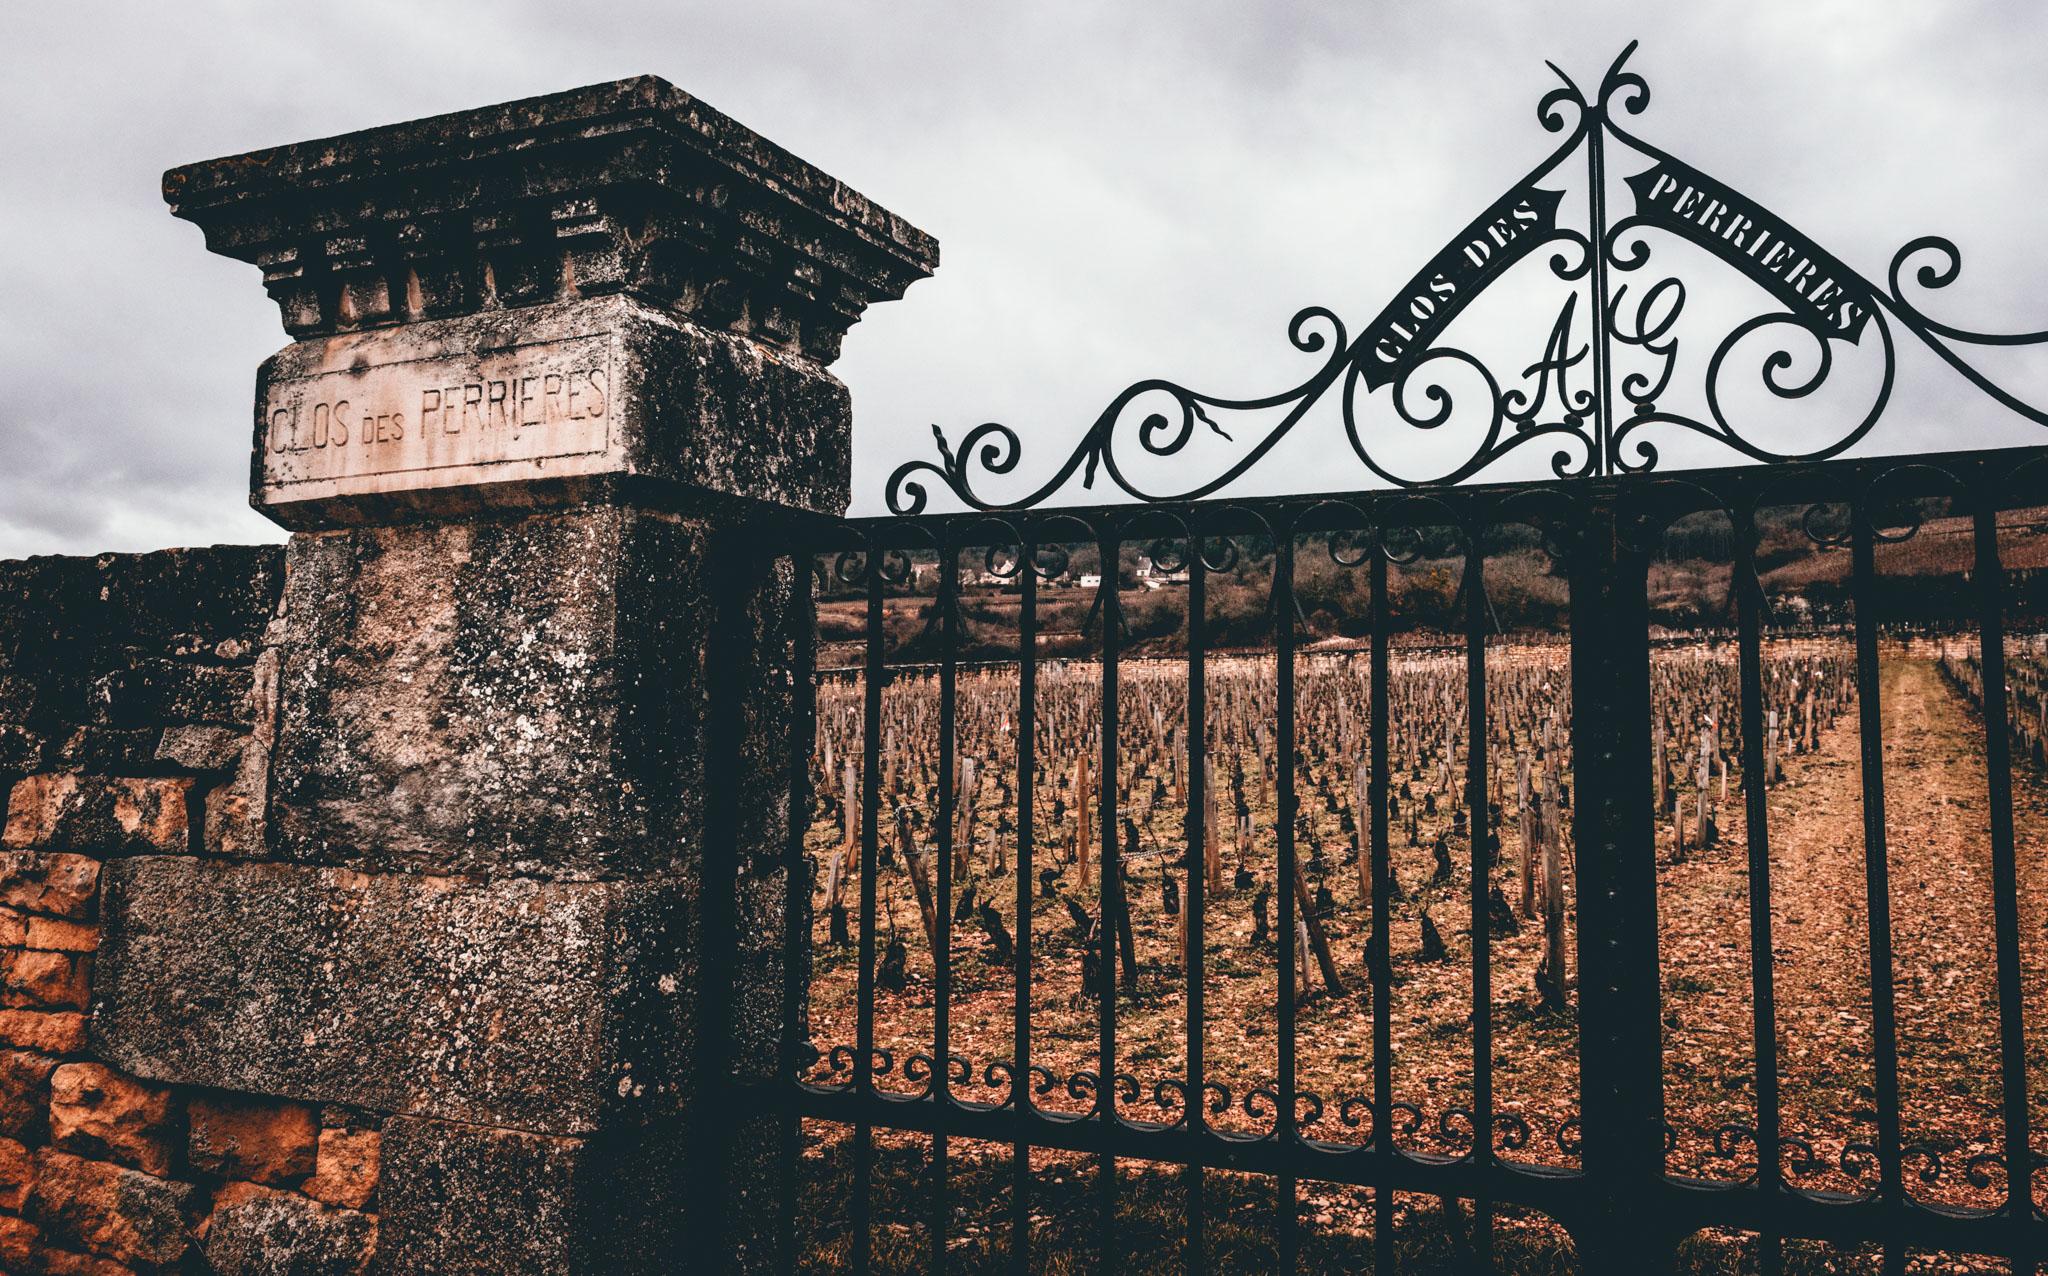 Burgundy : Cote de Beaune : Meursault : Clos des Perrieres